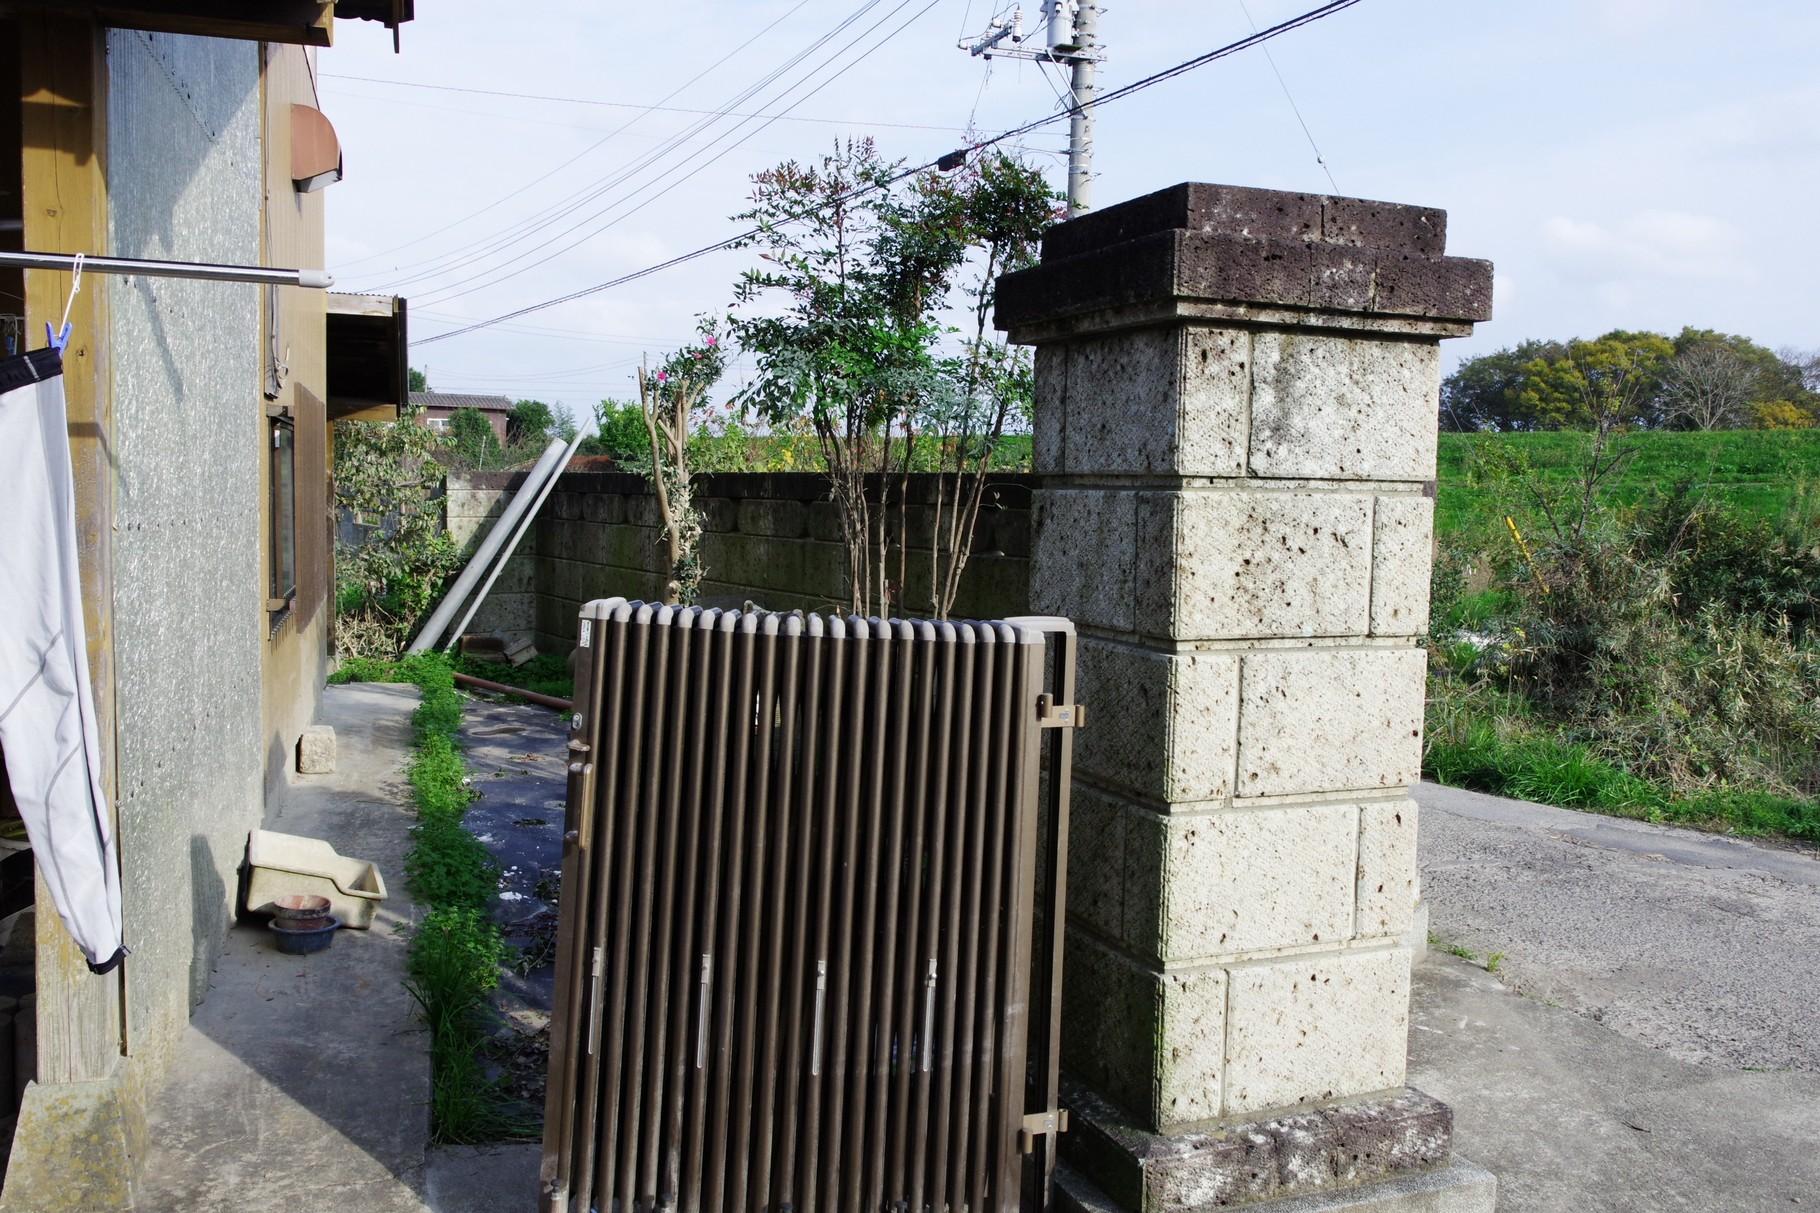 10日夜には門柱が完全に水没しました 小貝川の堤防がみえます